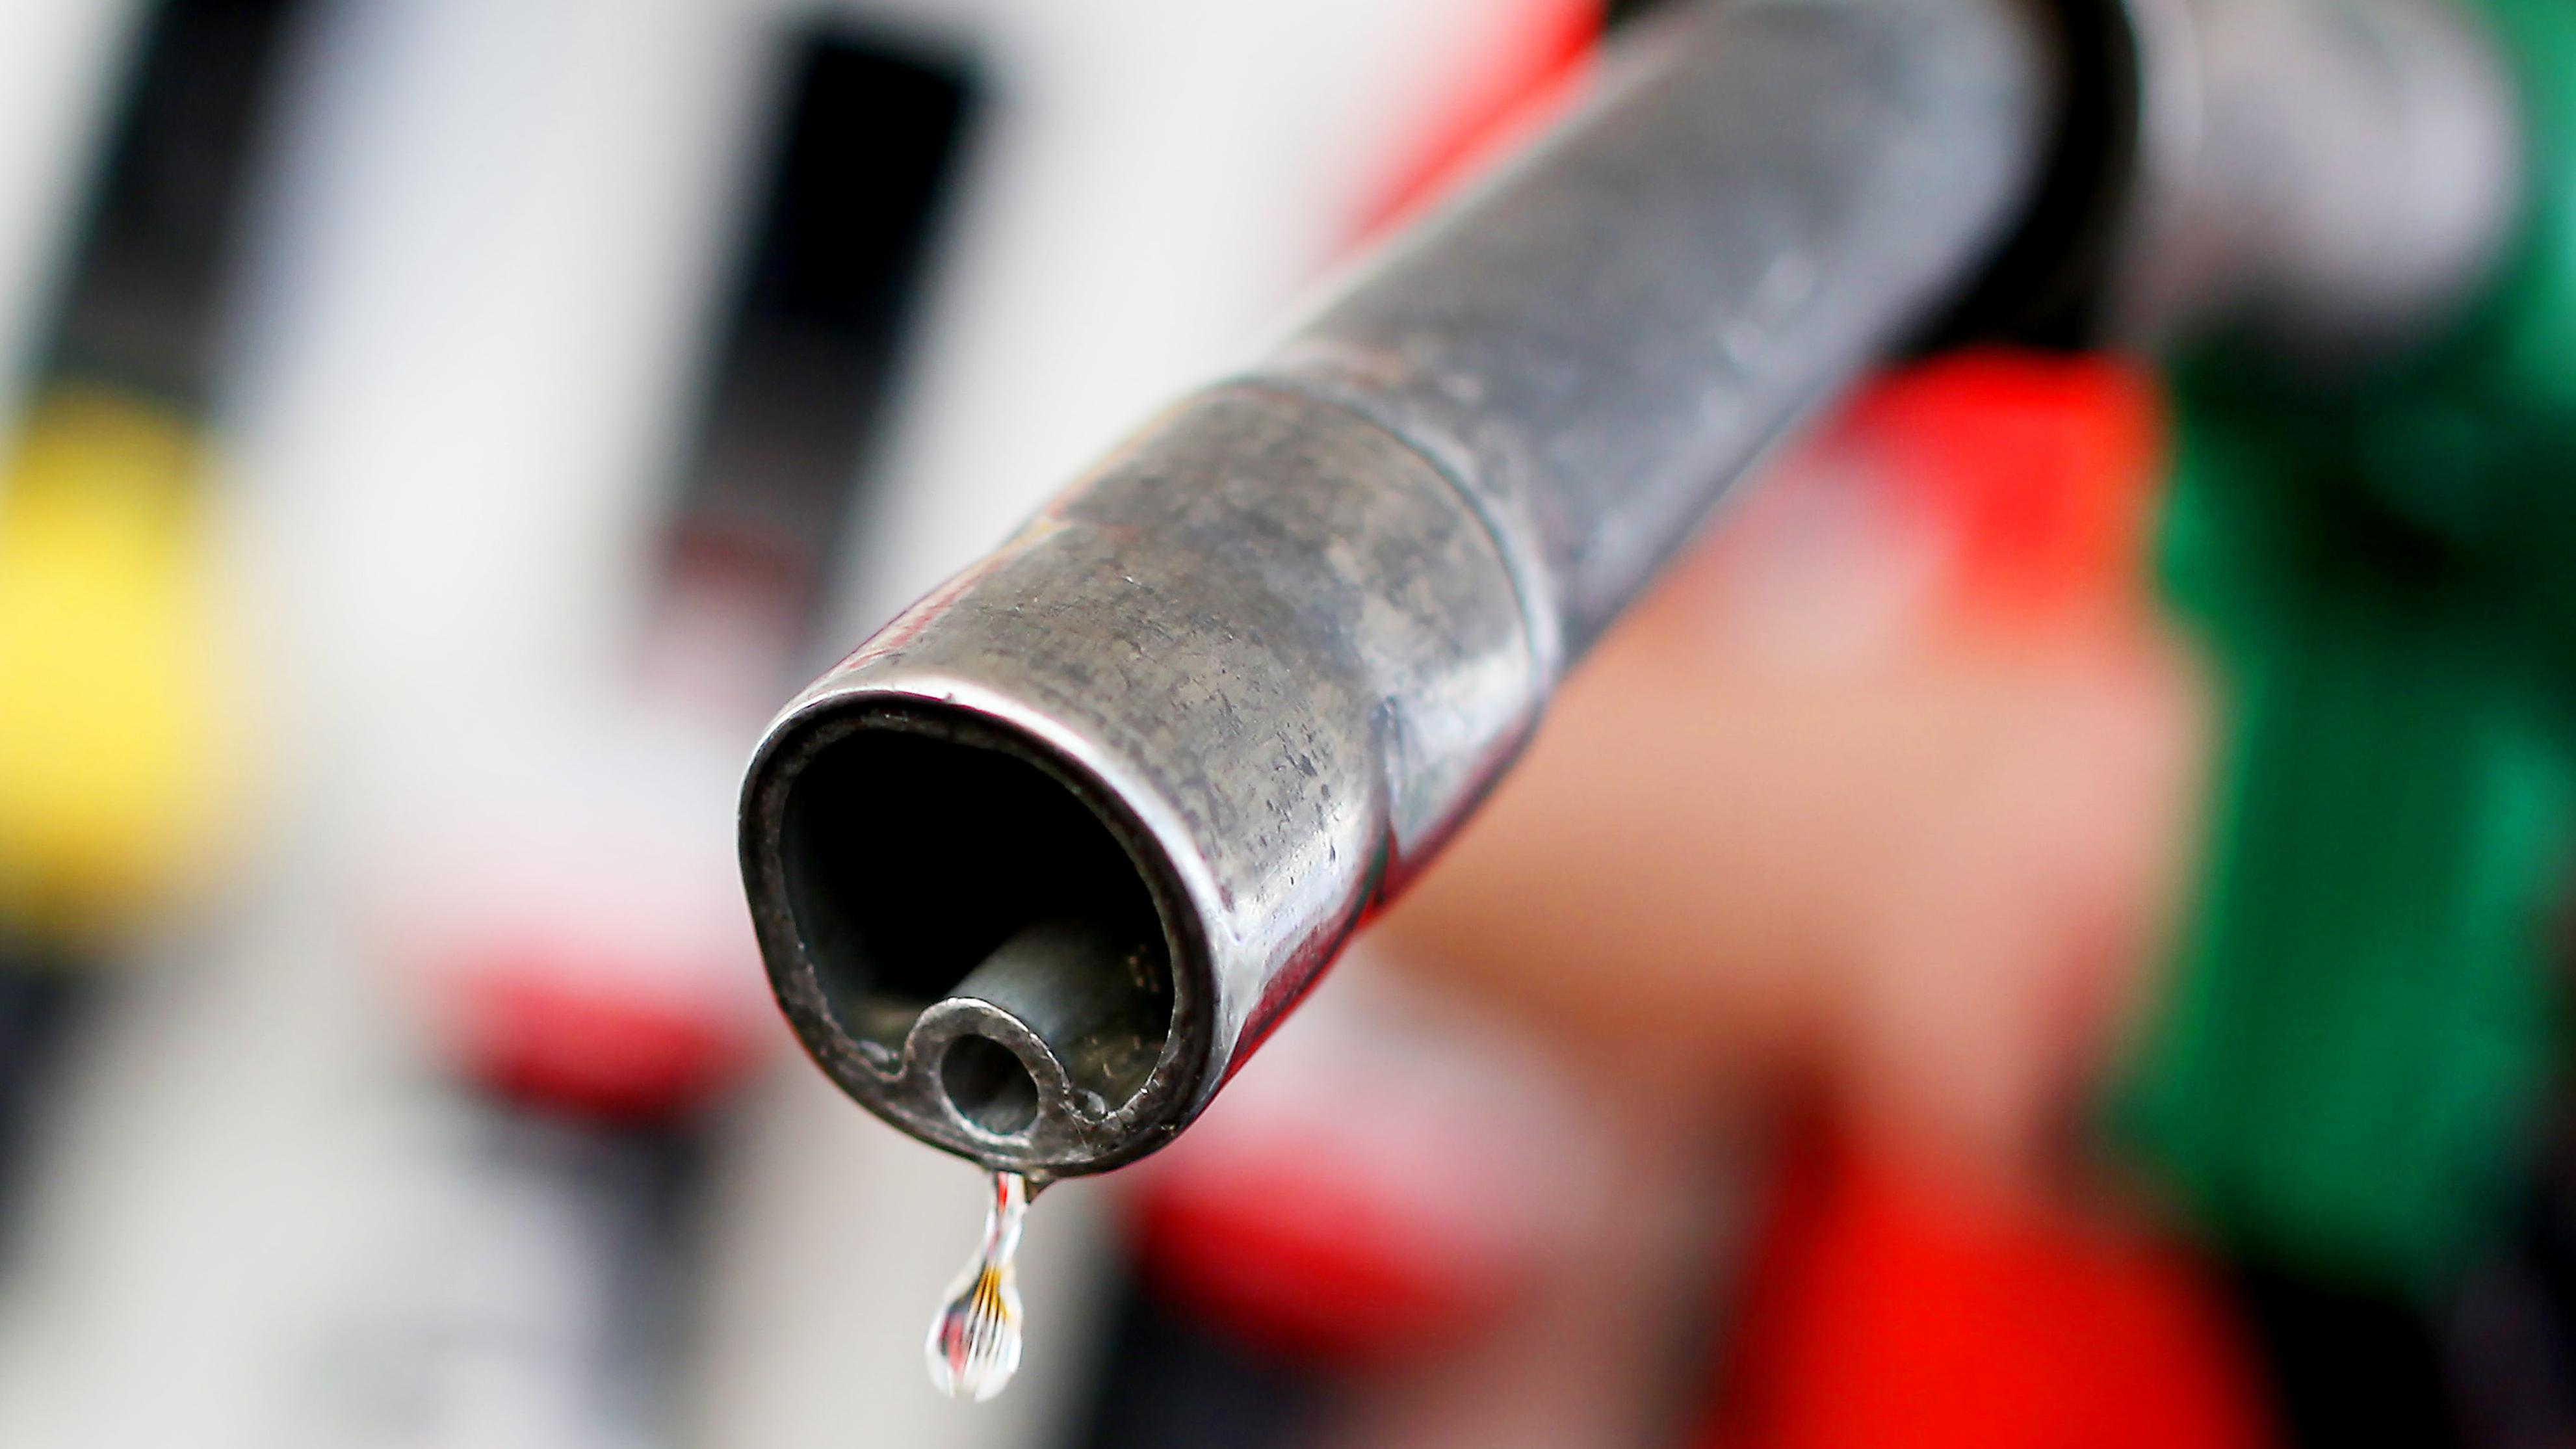 Zapfpistole, aus der nur ein Tropfen Benzin fließt.